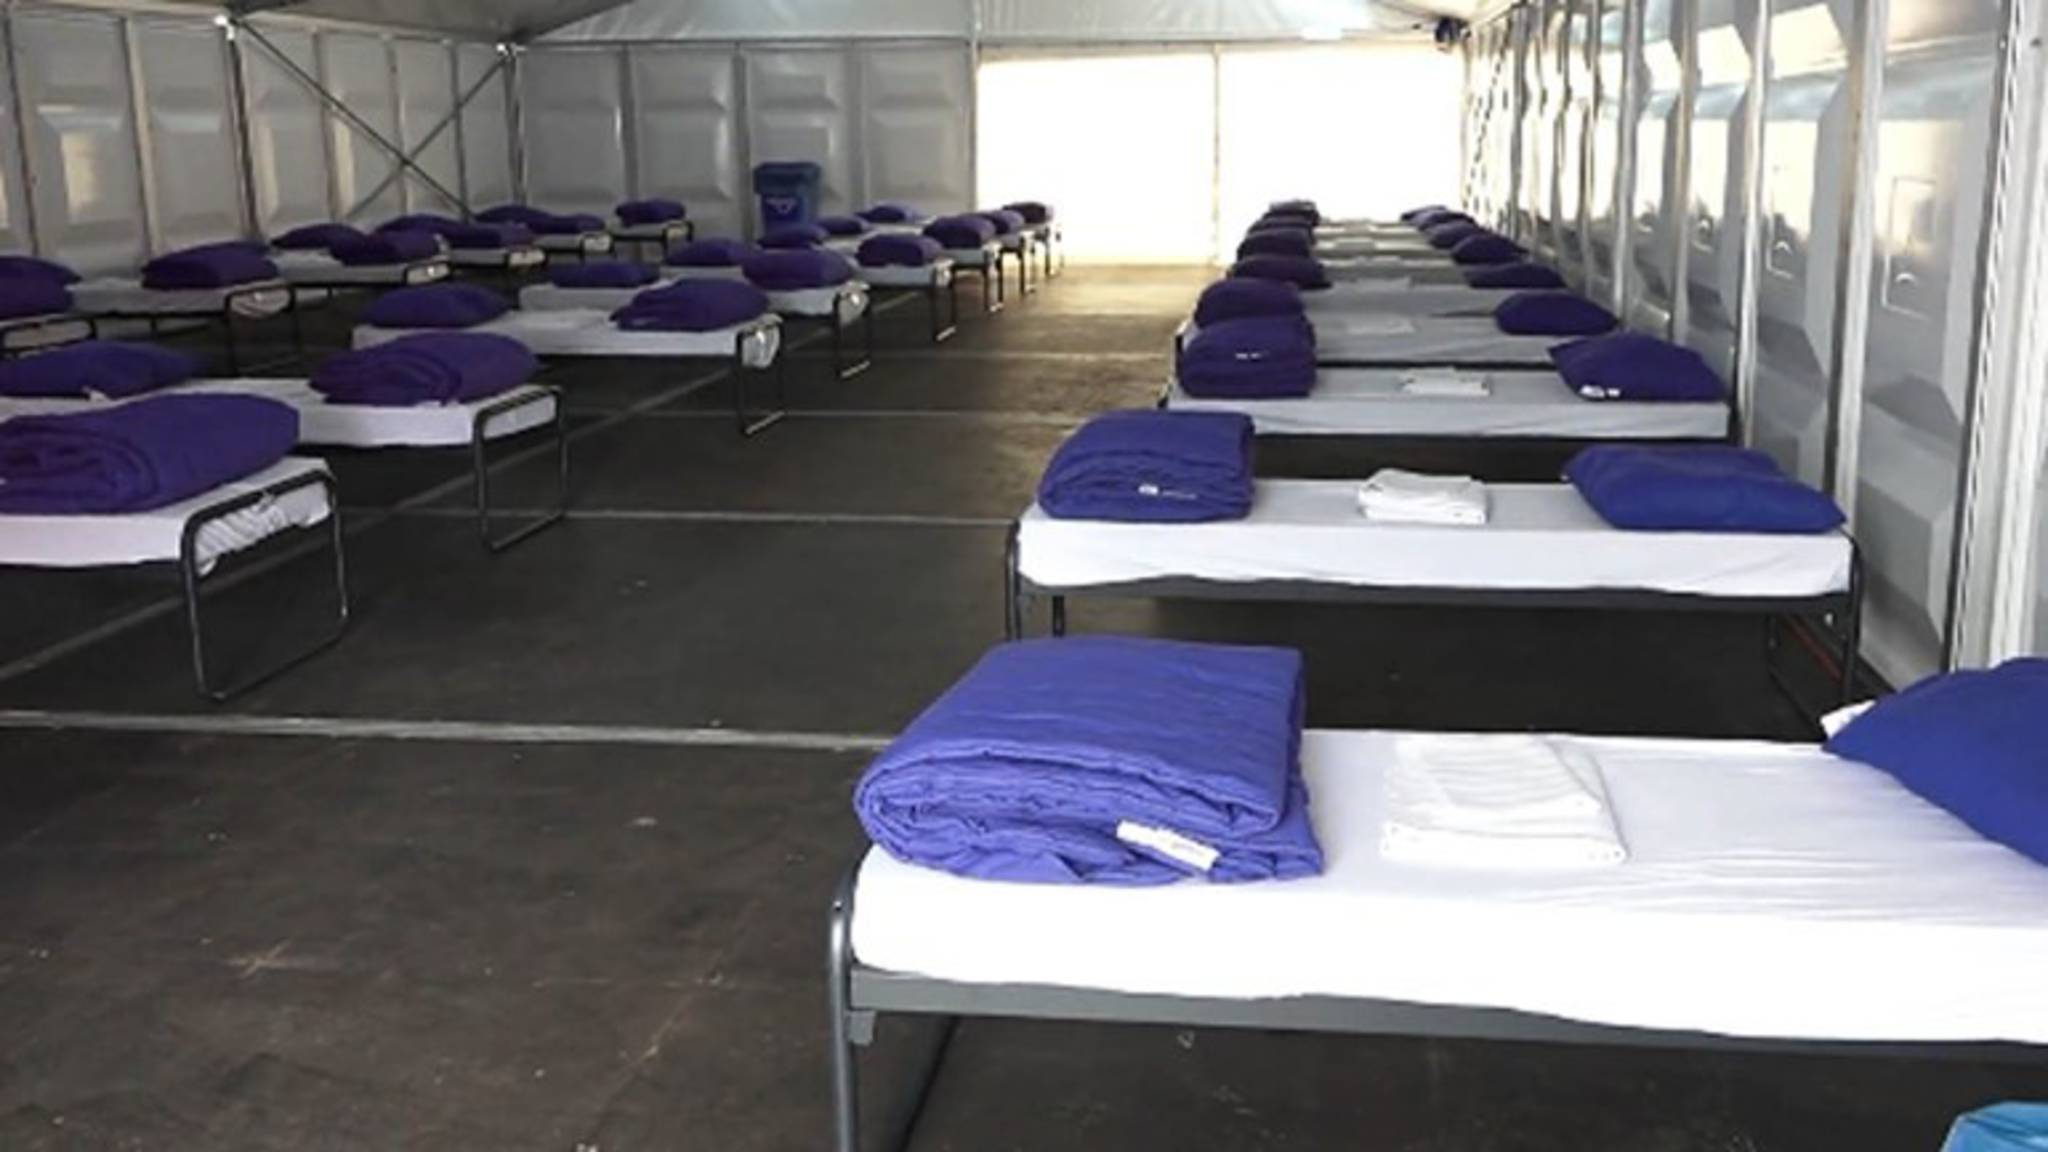 Studenten tentenkamp Groningen niet populair, 'daar slapen